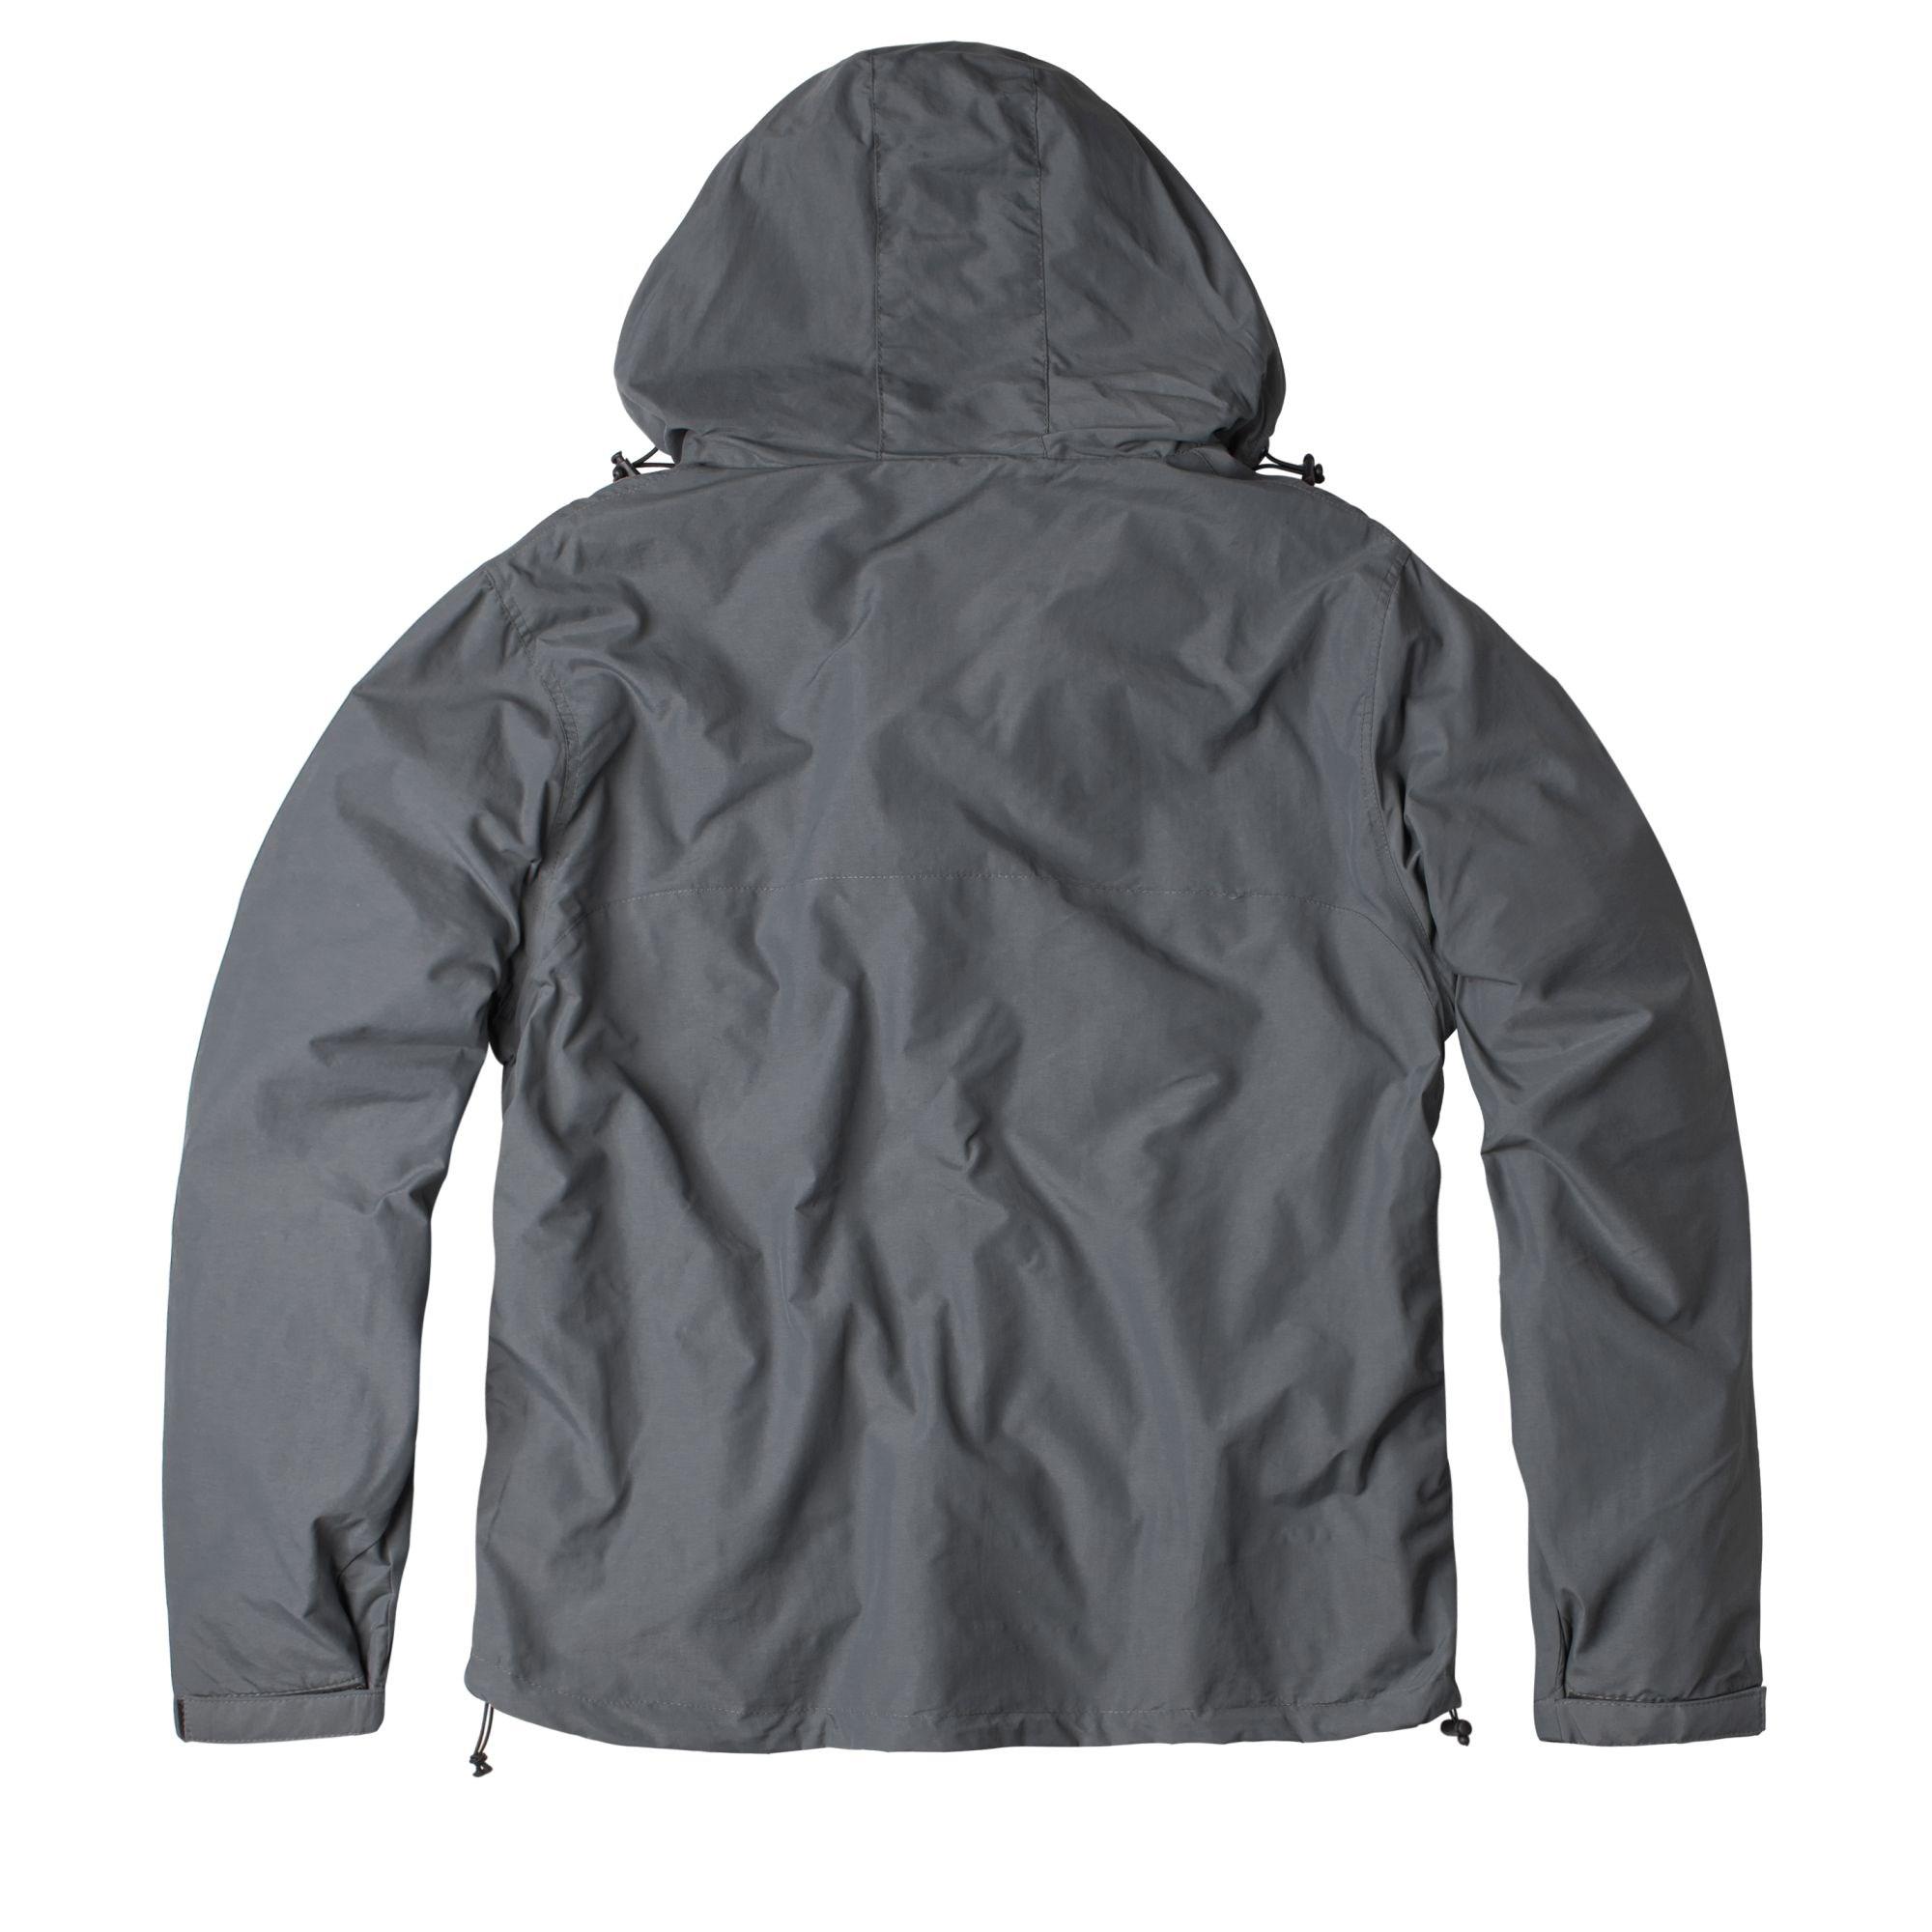 WINDBREAKER Jacket GREY SURPLUS 20-7001-04 L-11